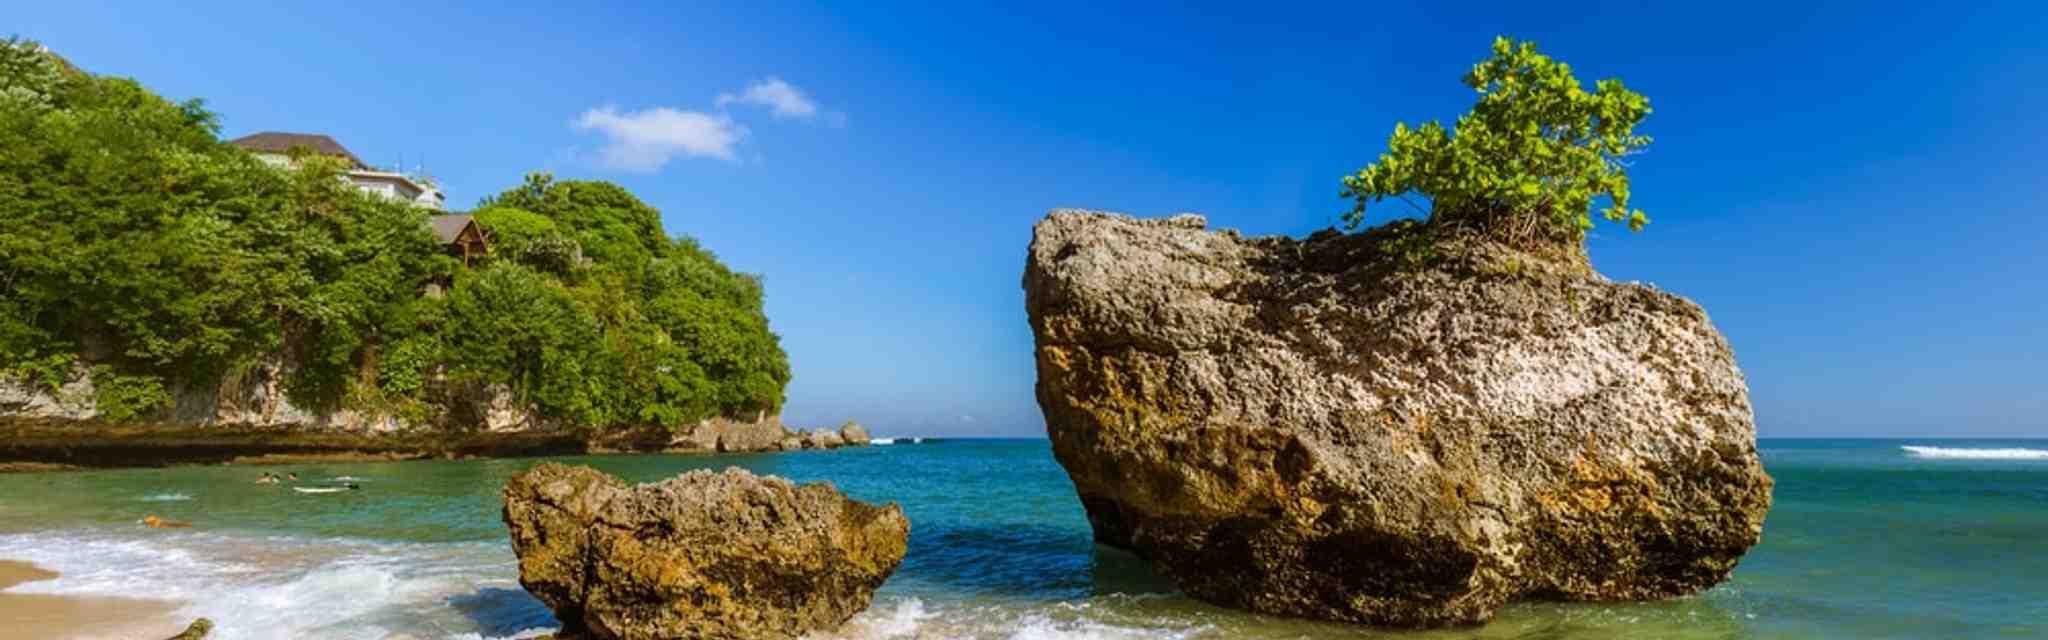 Pantai Padang Padang, Surga Bahari di Pecatu Bali